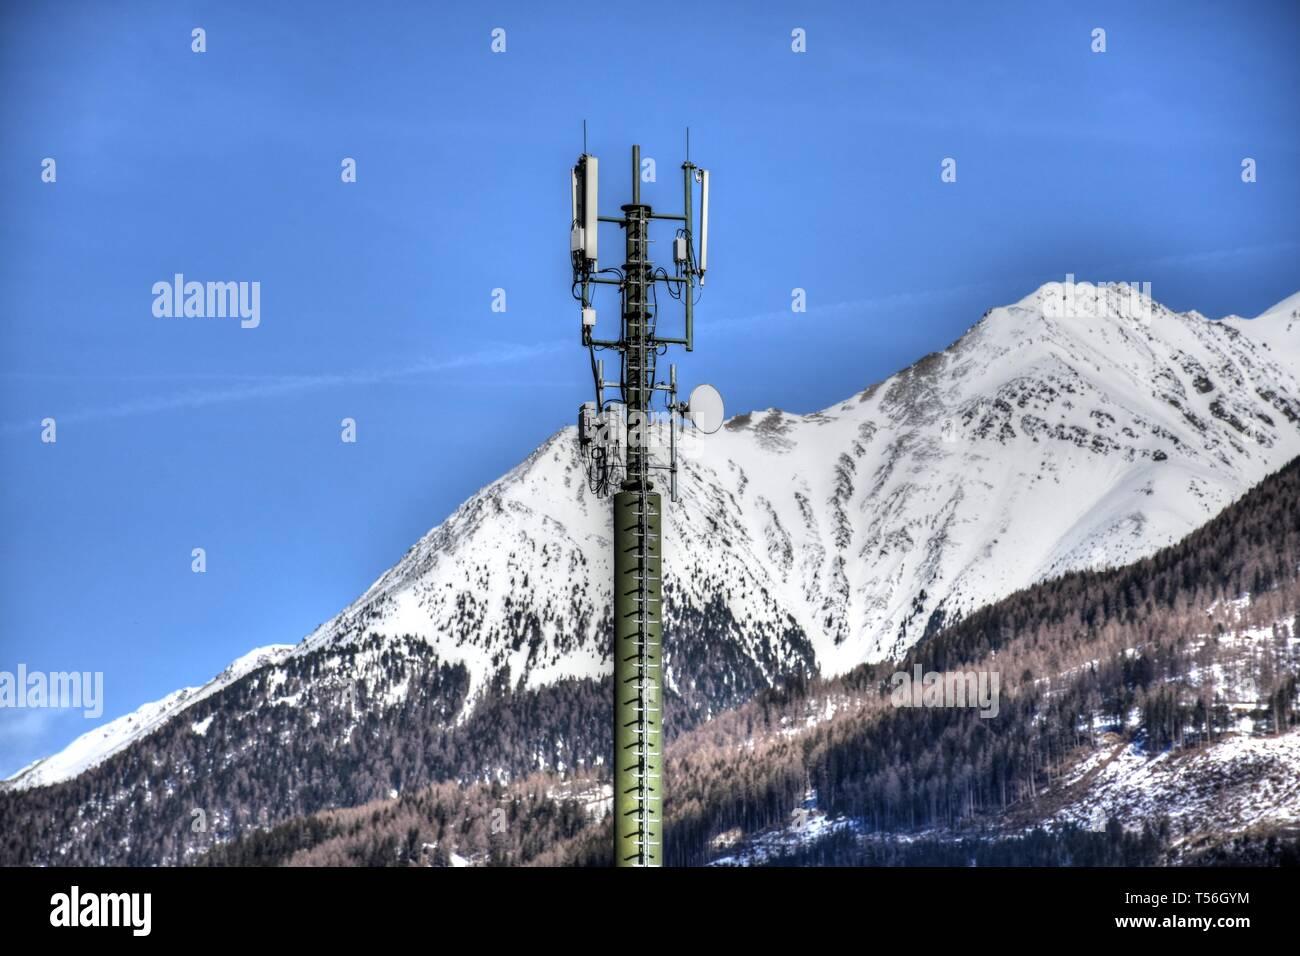 4G, 3G, UMTS, 5G, Mobilfunk, Mobilfunkmast, Handymast, Antenne, Senden, Empfangen, Richtfunk, Osttirol, Ainet, Iseltal, Schobergruppe, Hochschober, Tun Stockbild